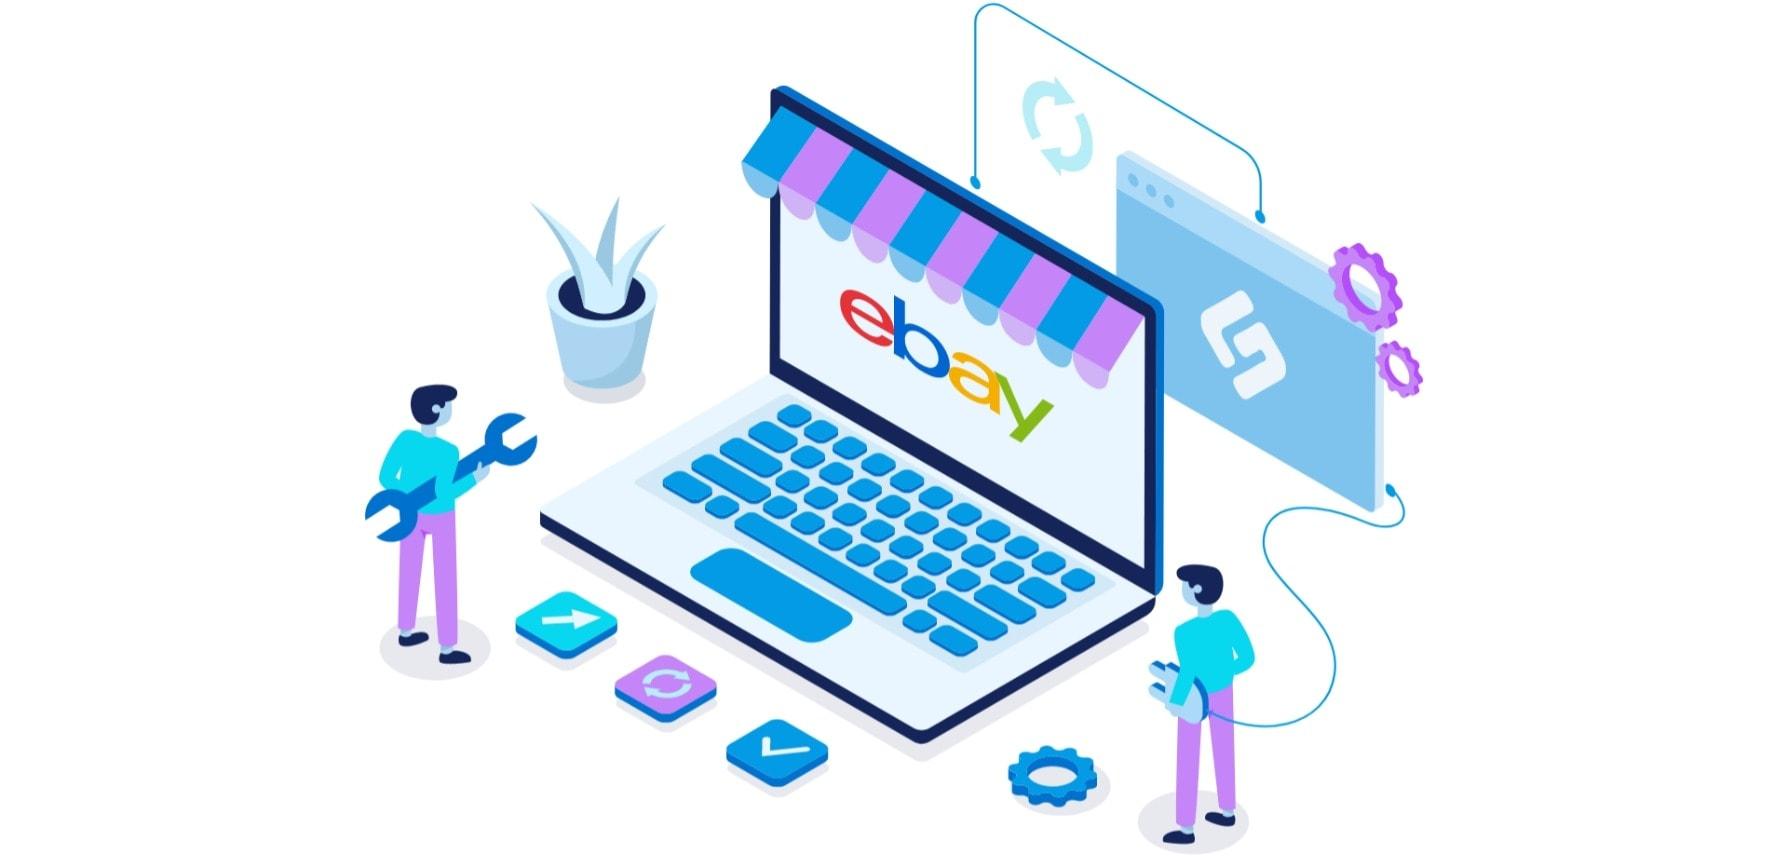 Illustration: Verknüpfung von eBay an Shirtigo-Plattform